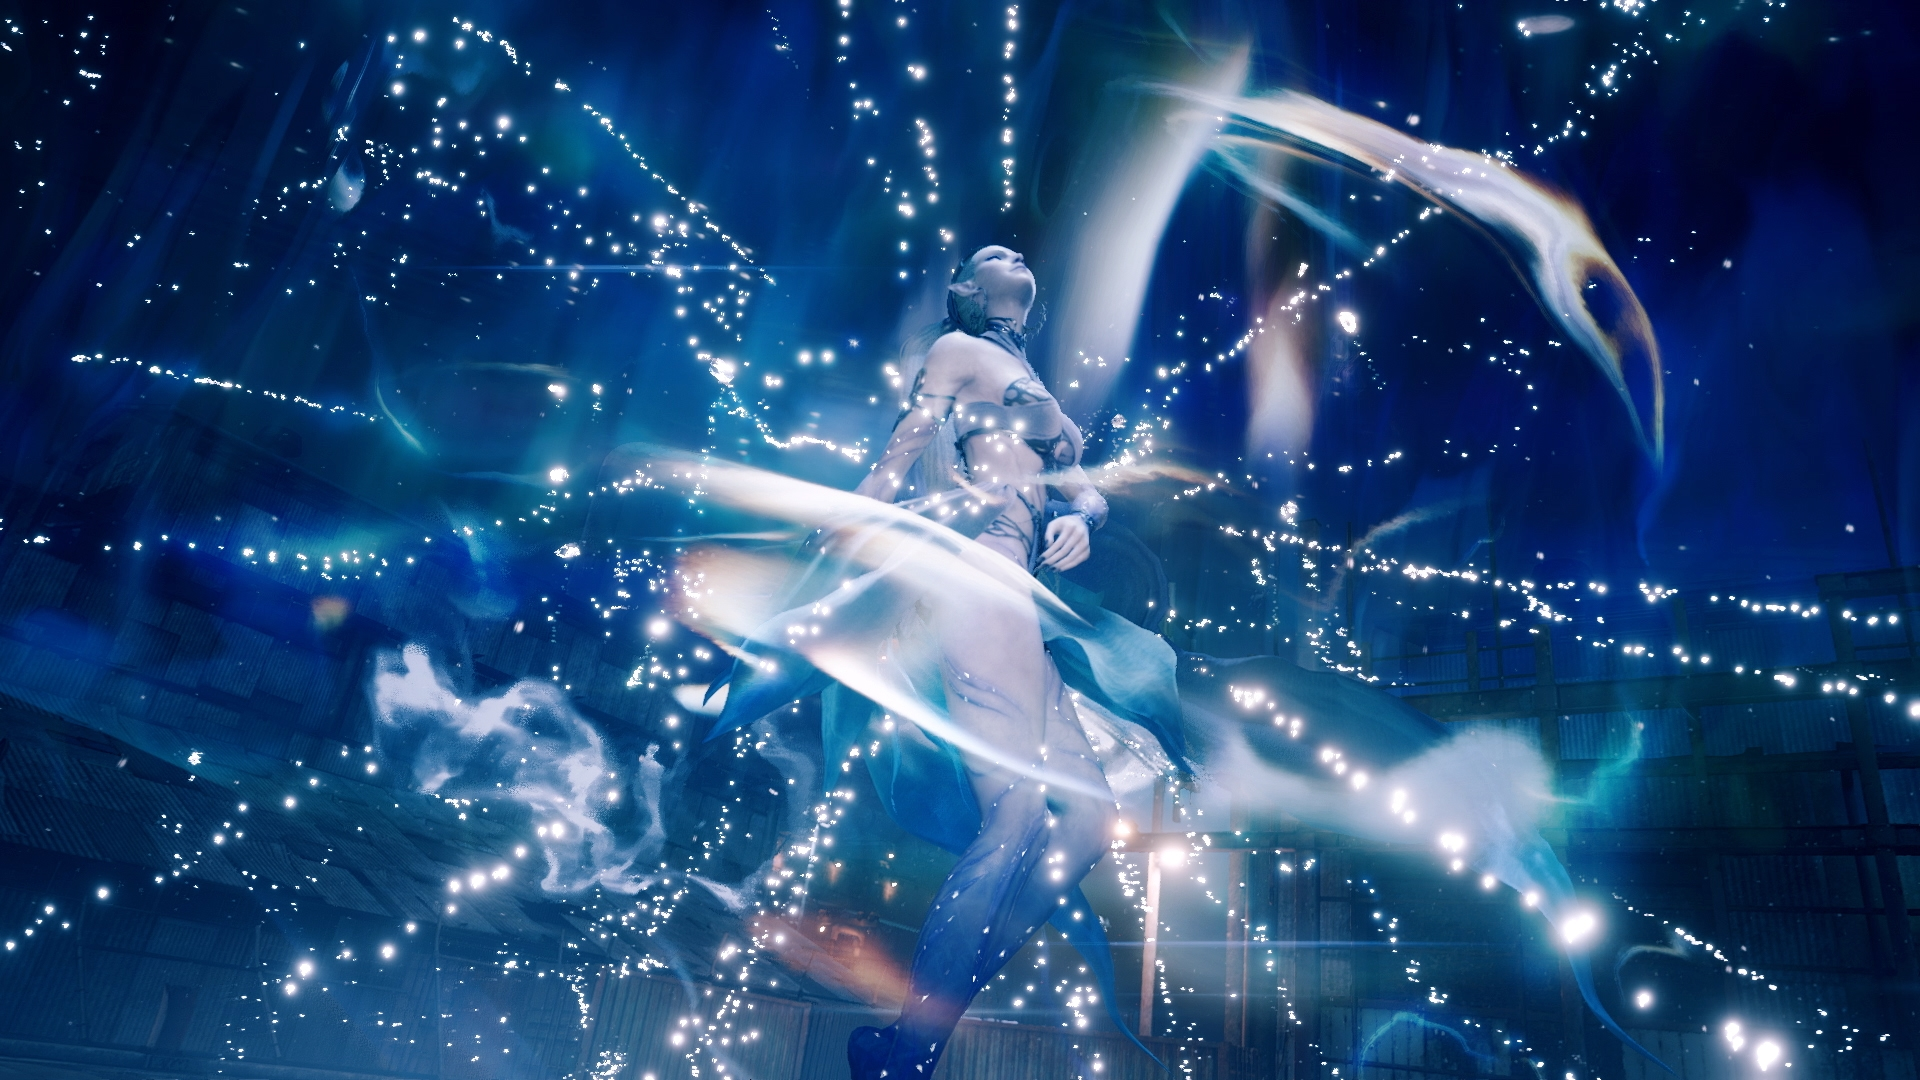 Shiva's Diamond Dust